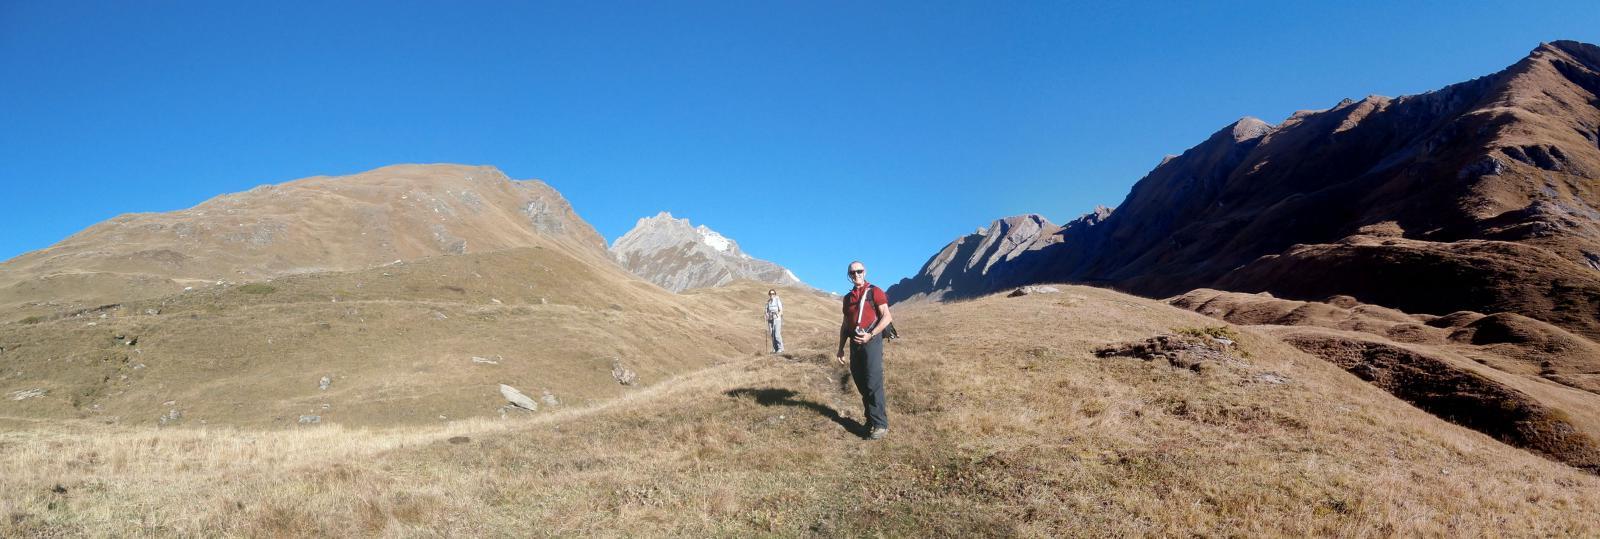 inizia il vallone dell'Orgère,sullo sfondo si intravede la punta del Monte Bianco ed il Berrio...